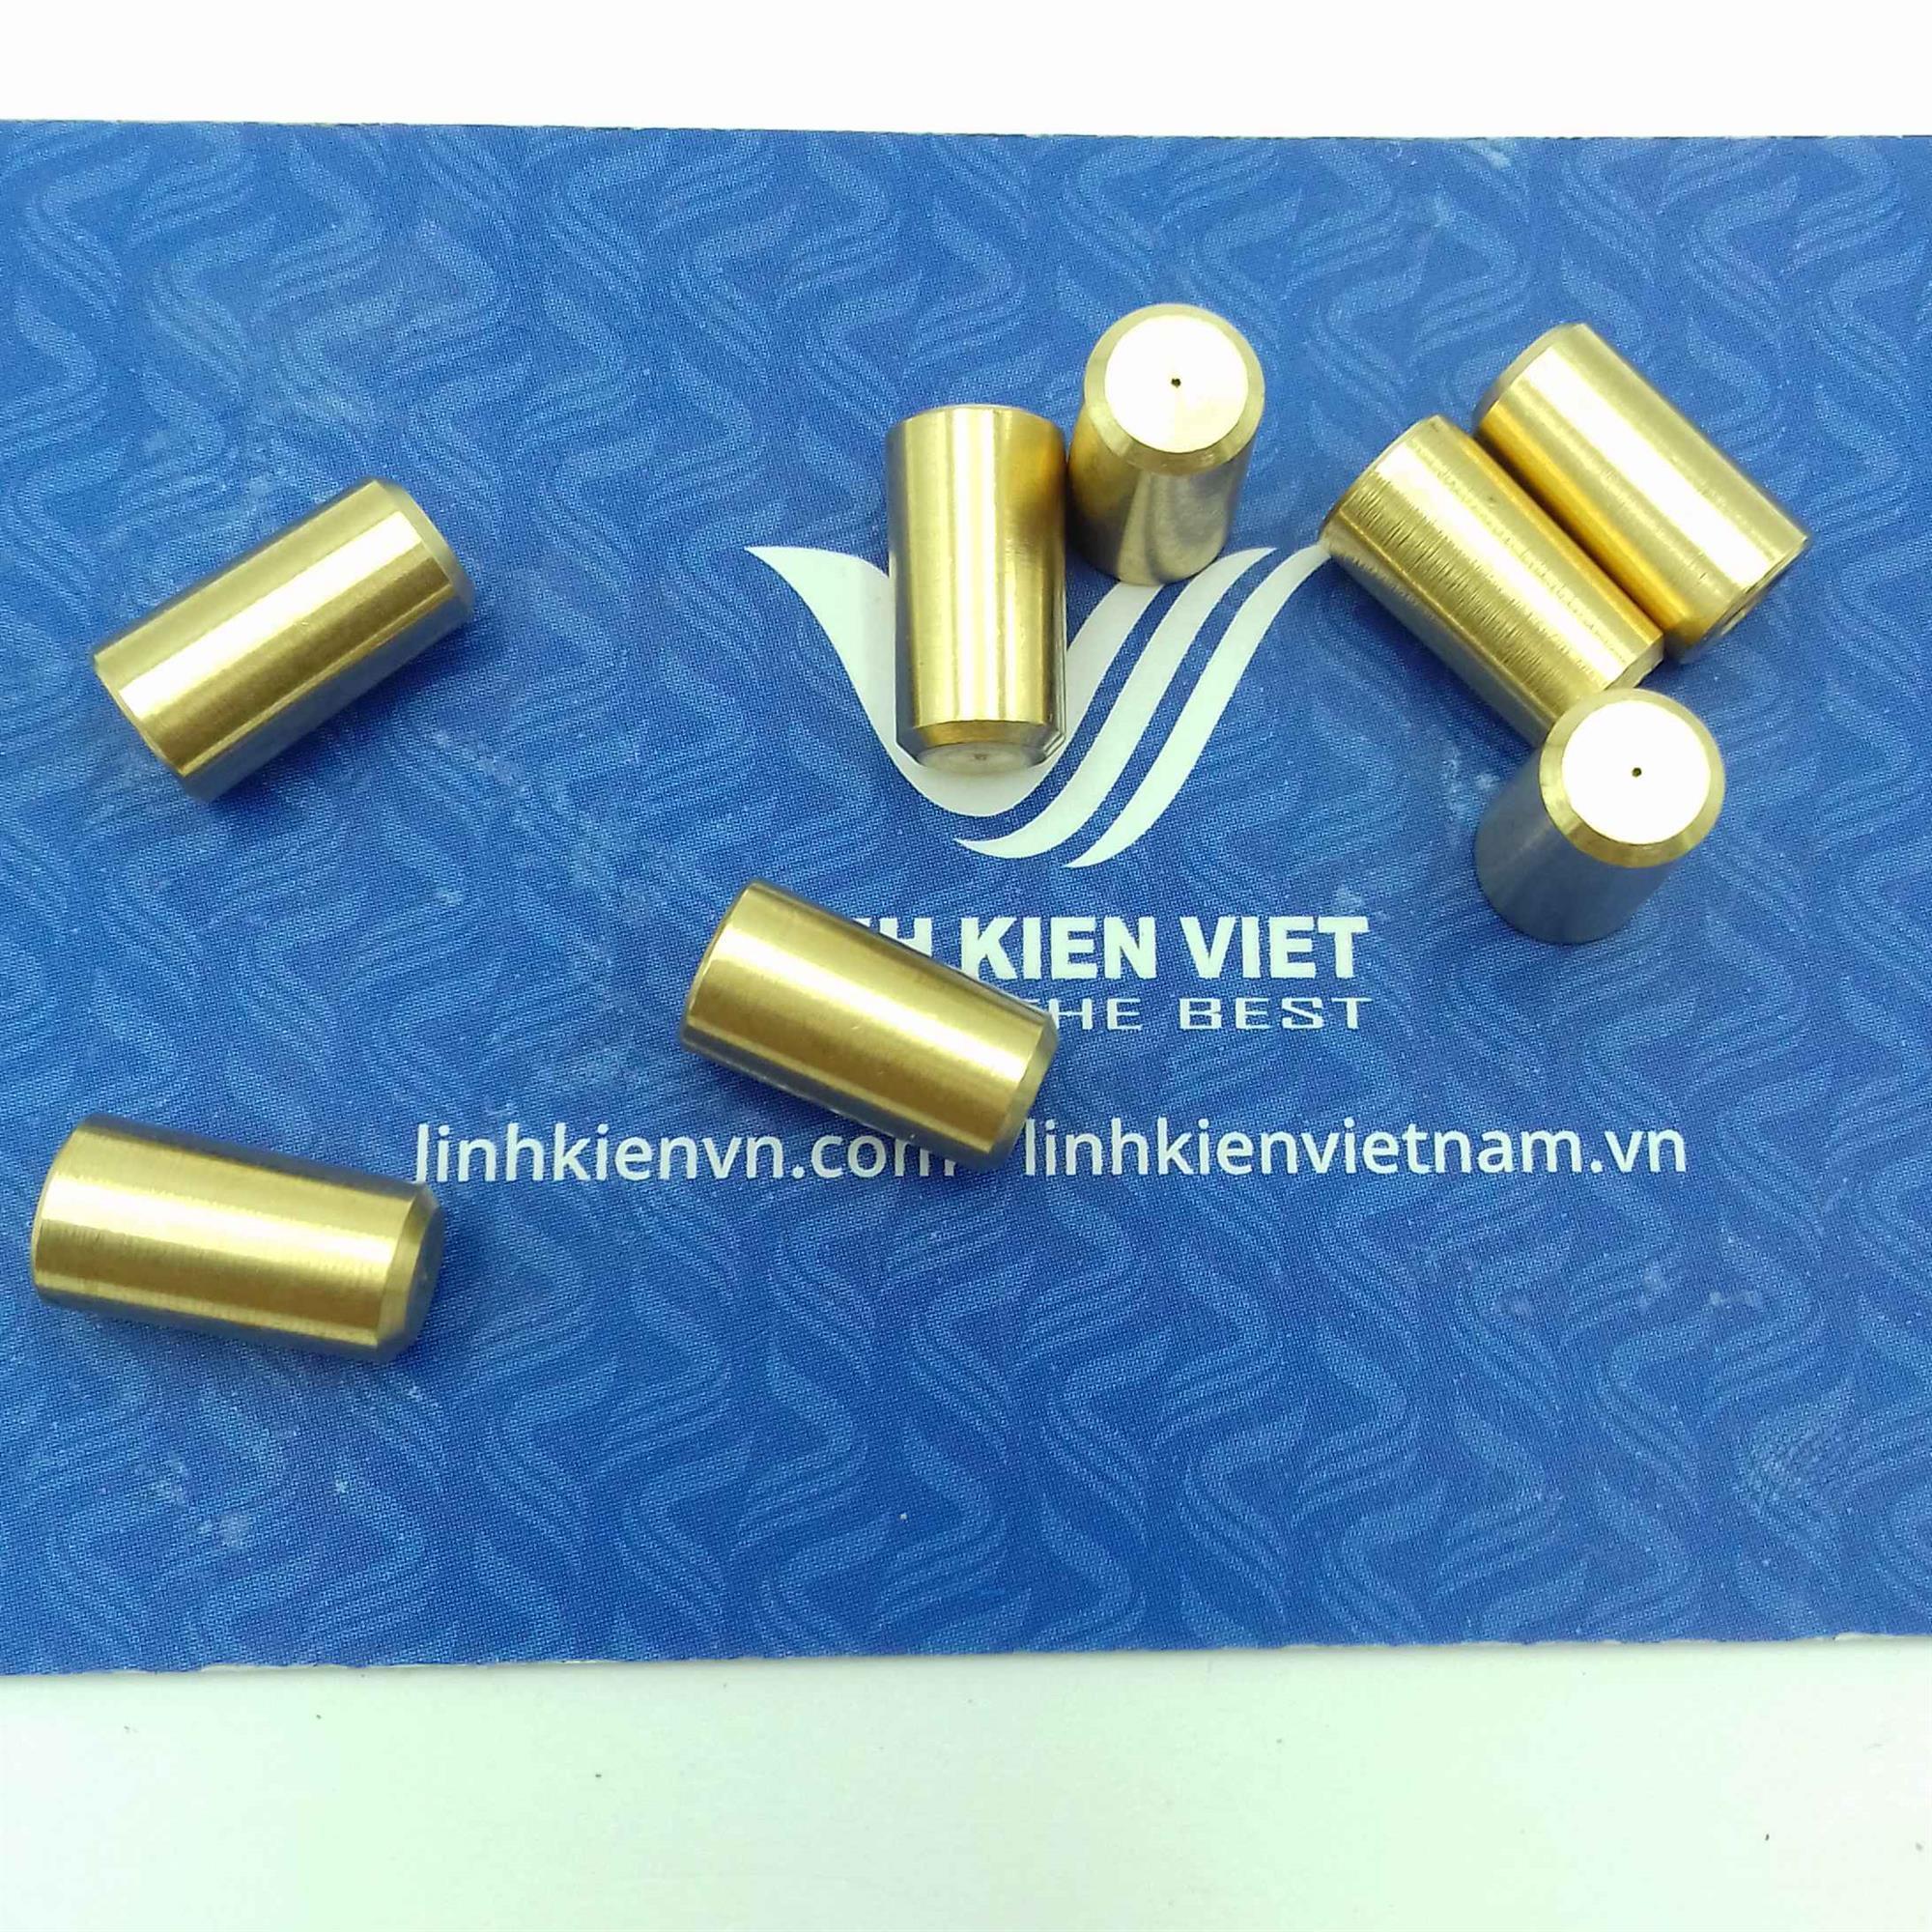 Đầu đồng chụp khoan JT0 B6 trục 3.17mm cho đầu khoan 0.6-4mm - S4H4